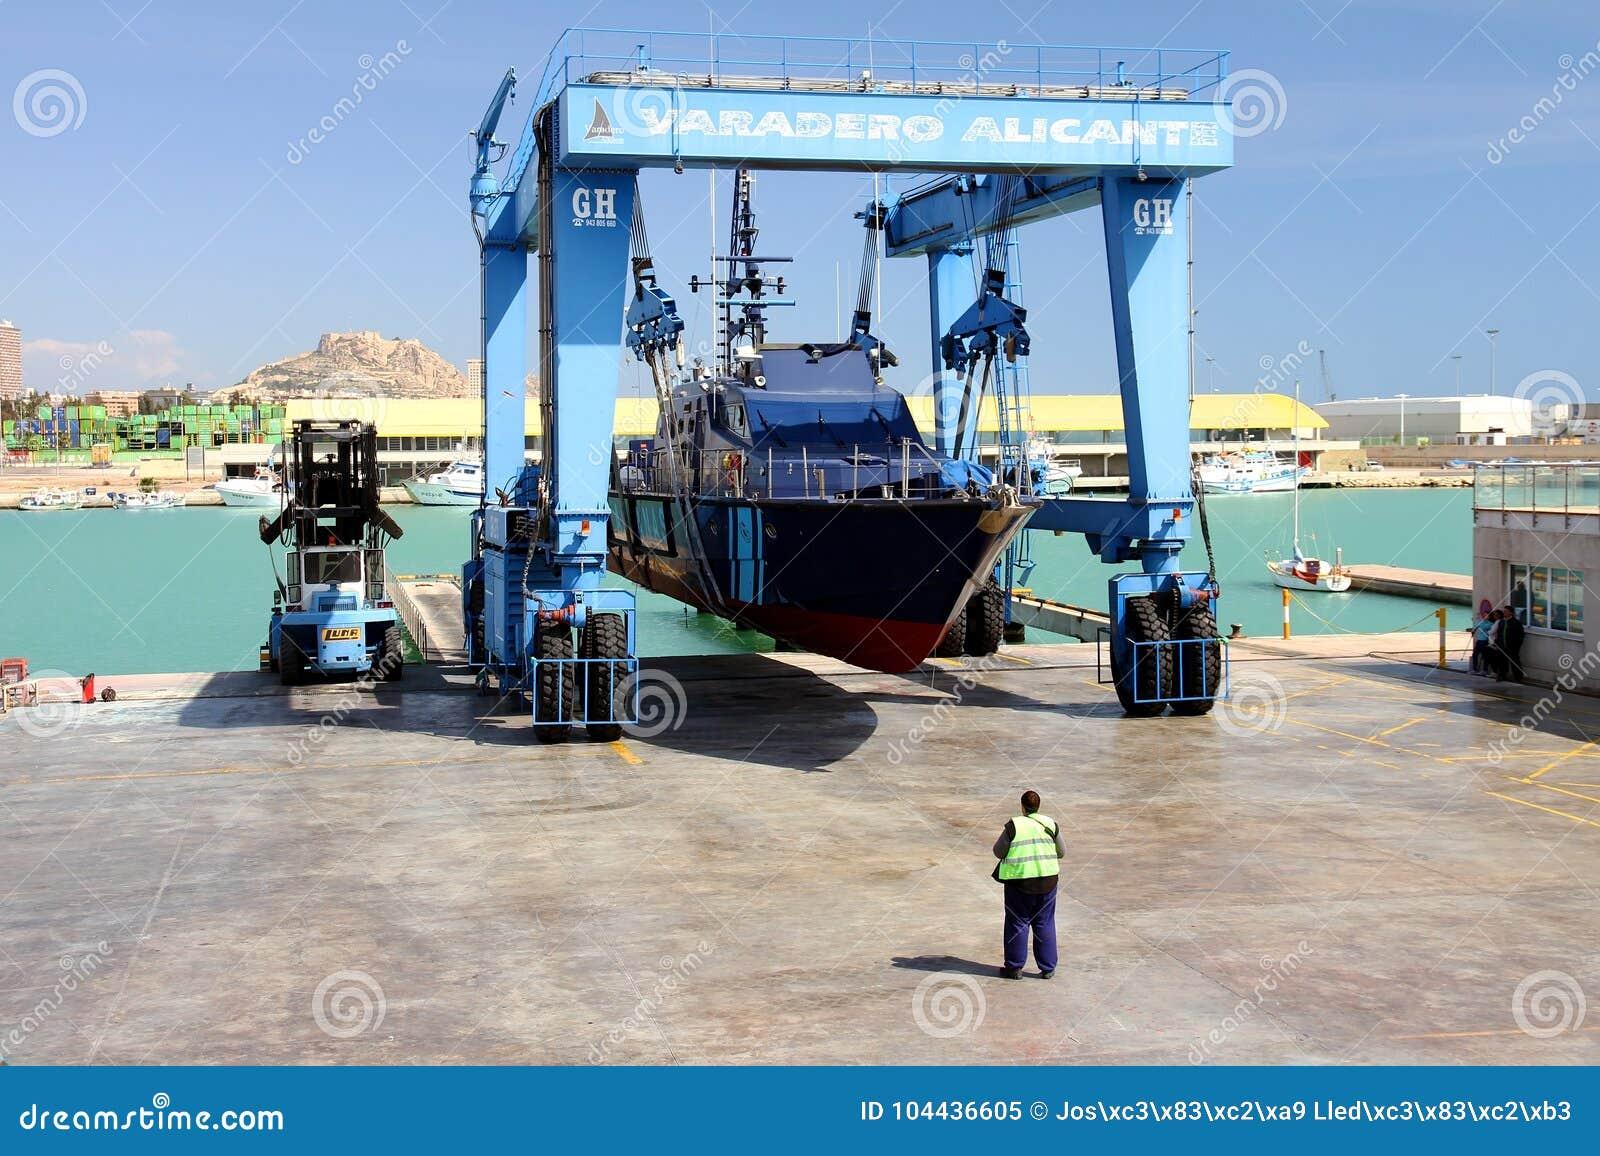 El guardacostas de las aduanas españolas sobre un travelift antes va al agua